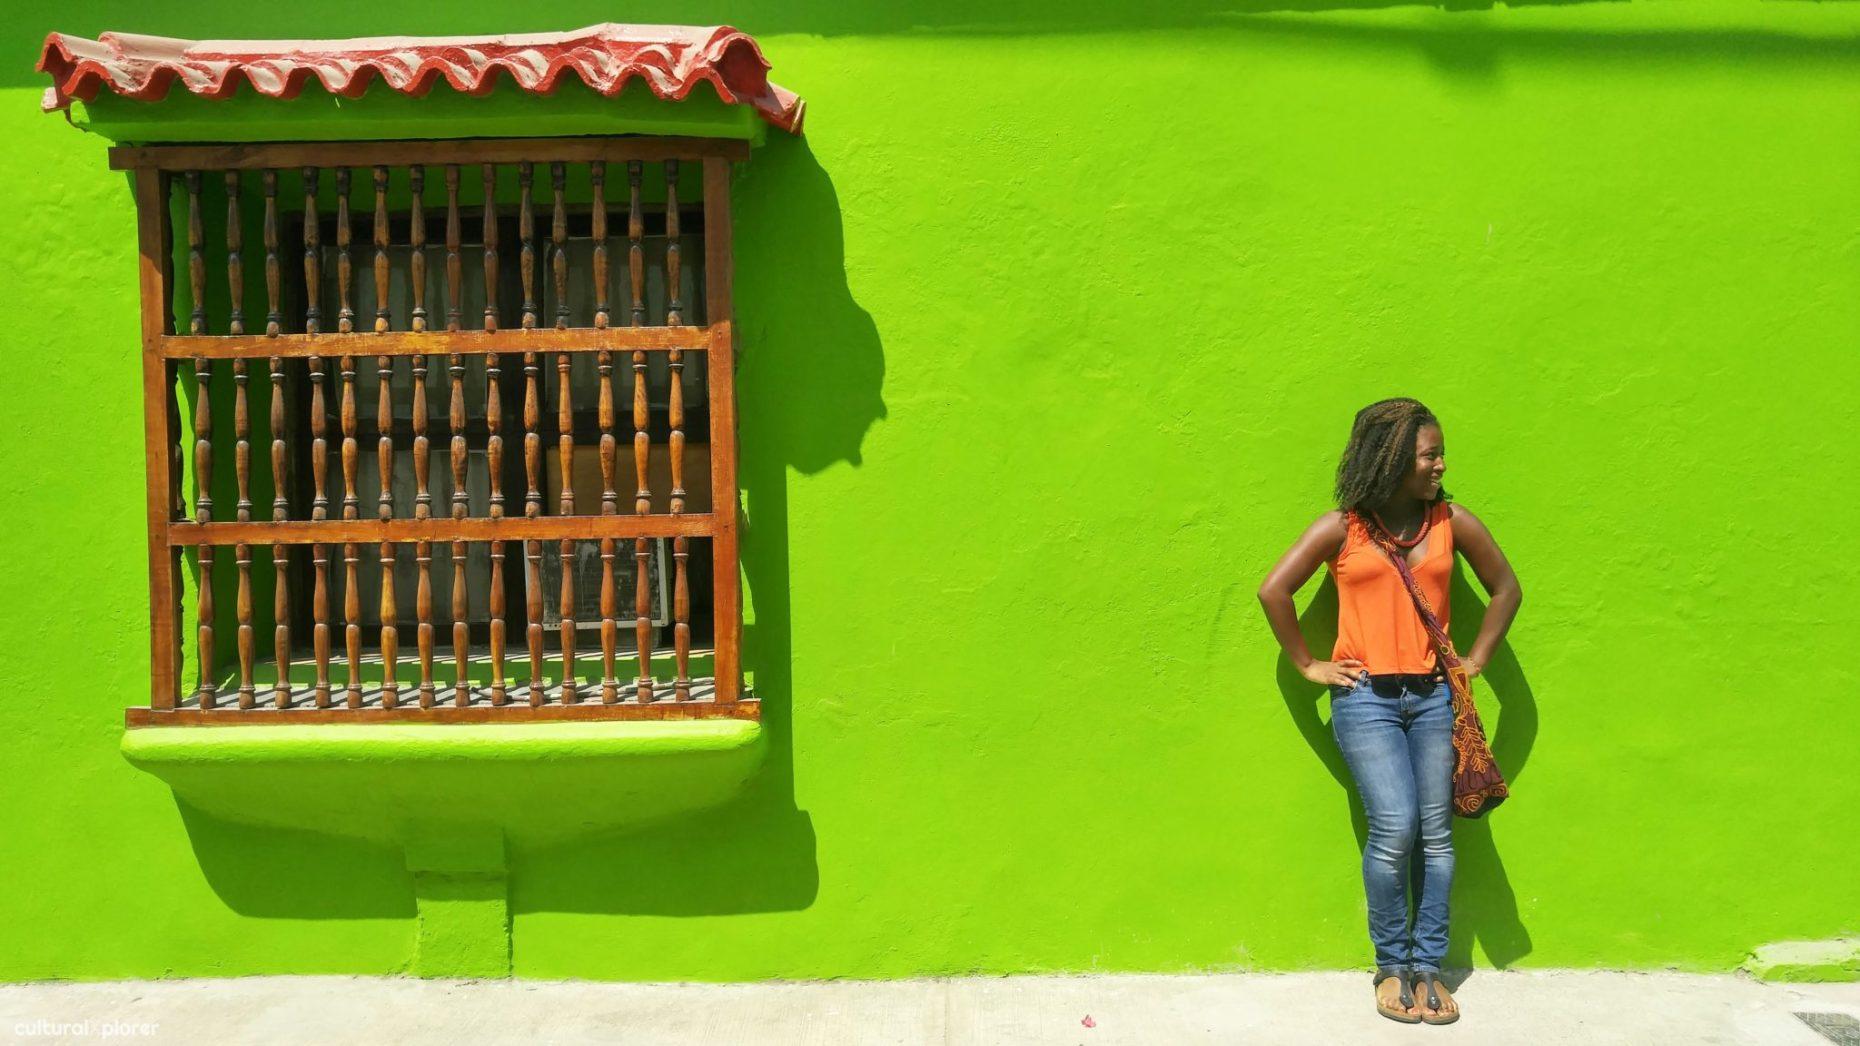 Chanel Green Wall   Cultural Xplorer